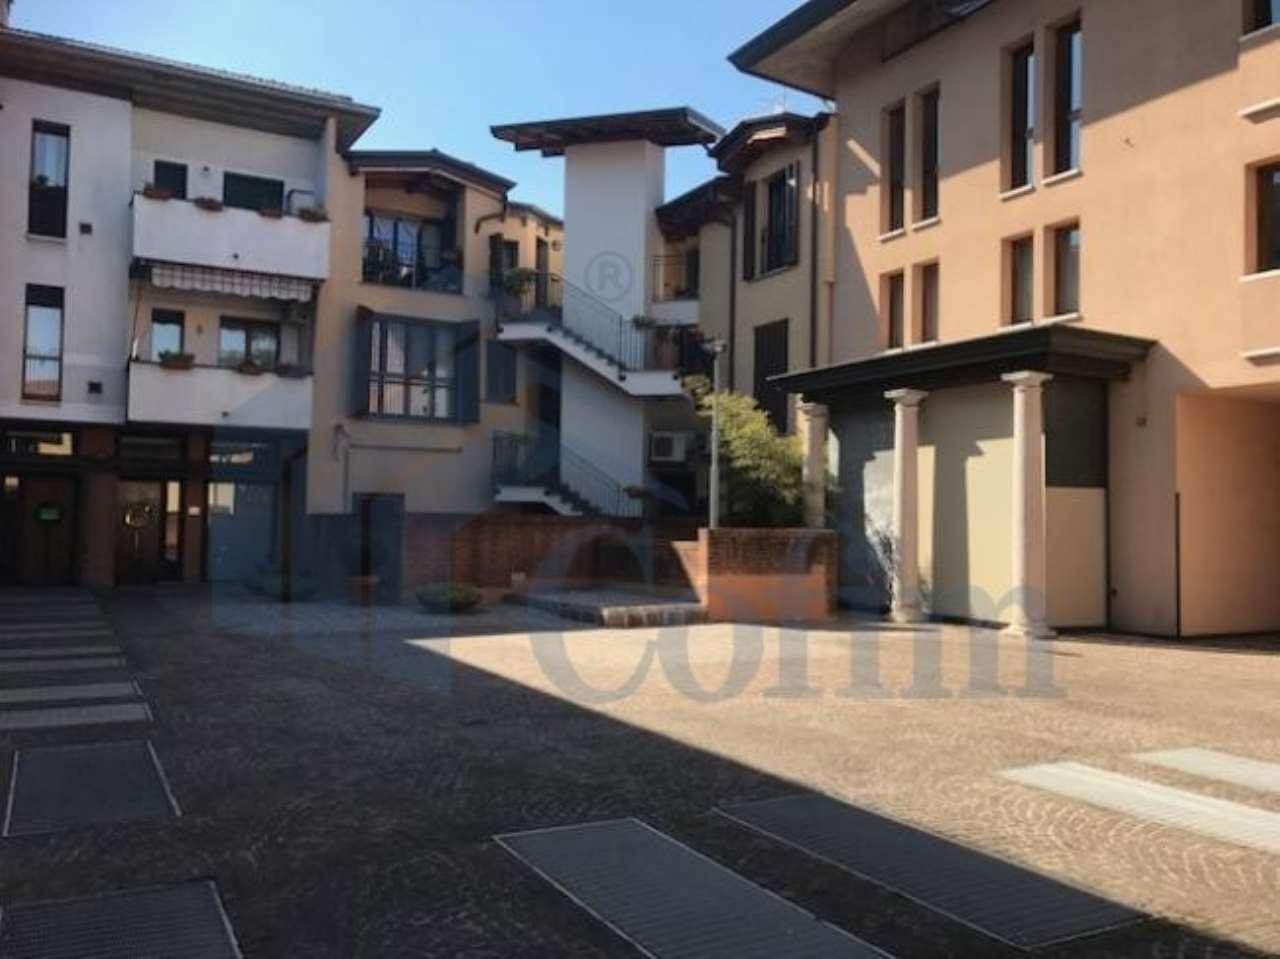 Negozio / Locale in vendita a Cassina de' Pecchi, 1 locali, prezzo € 79.000 | Cambio Casa.it